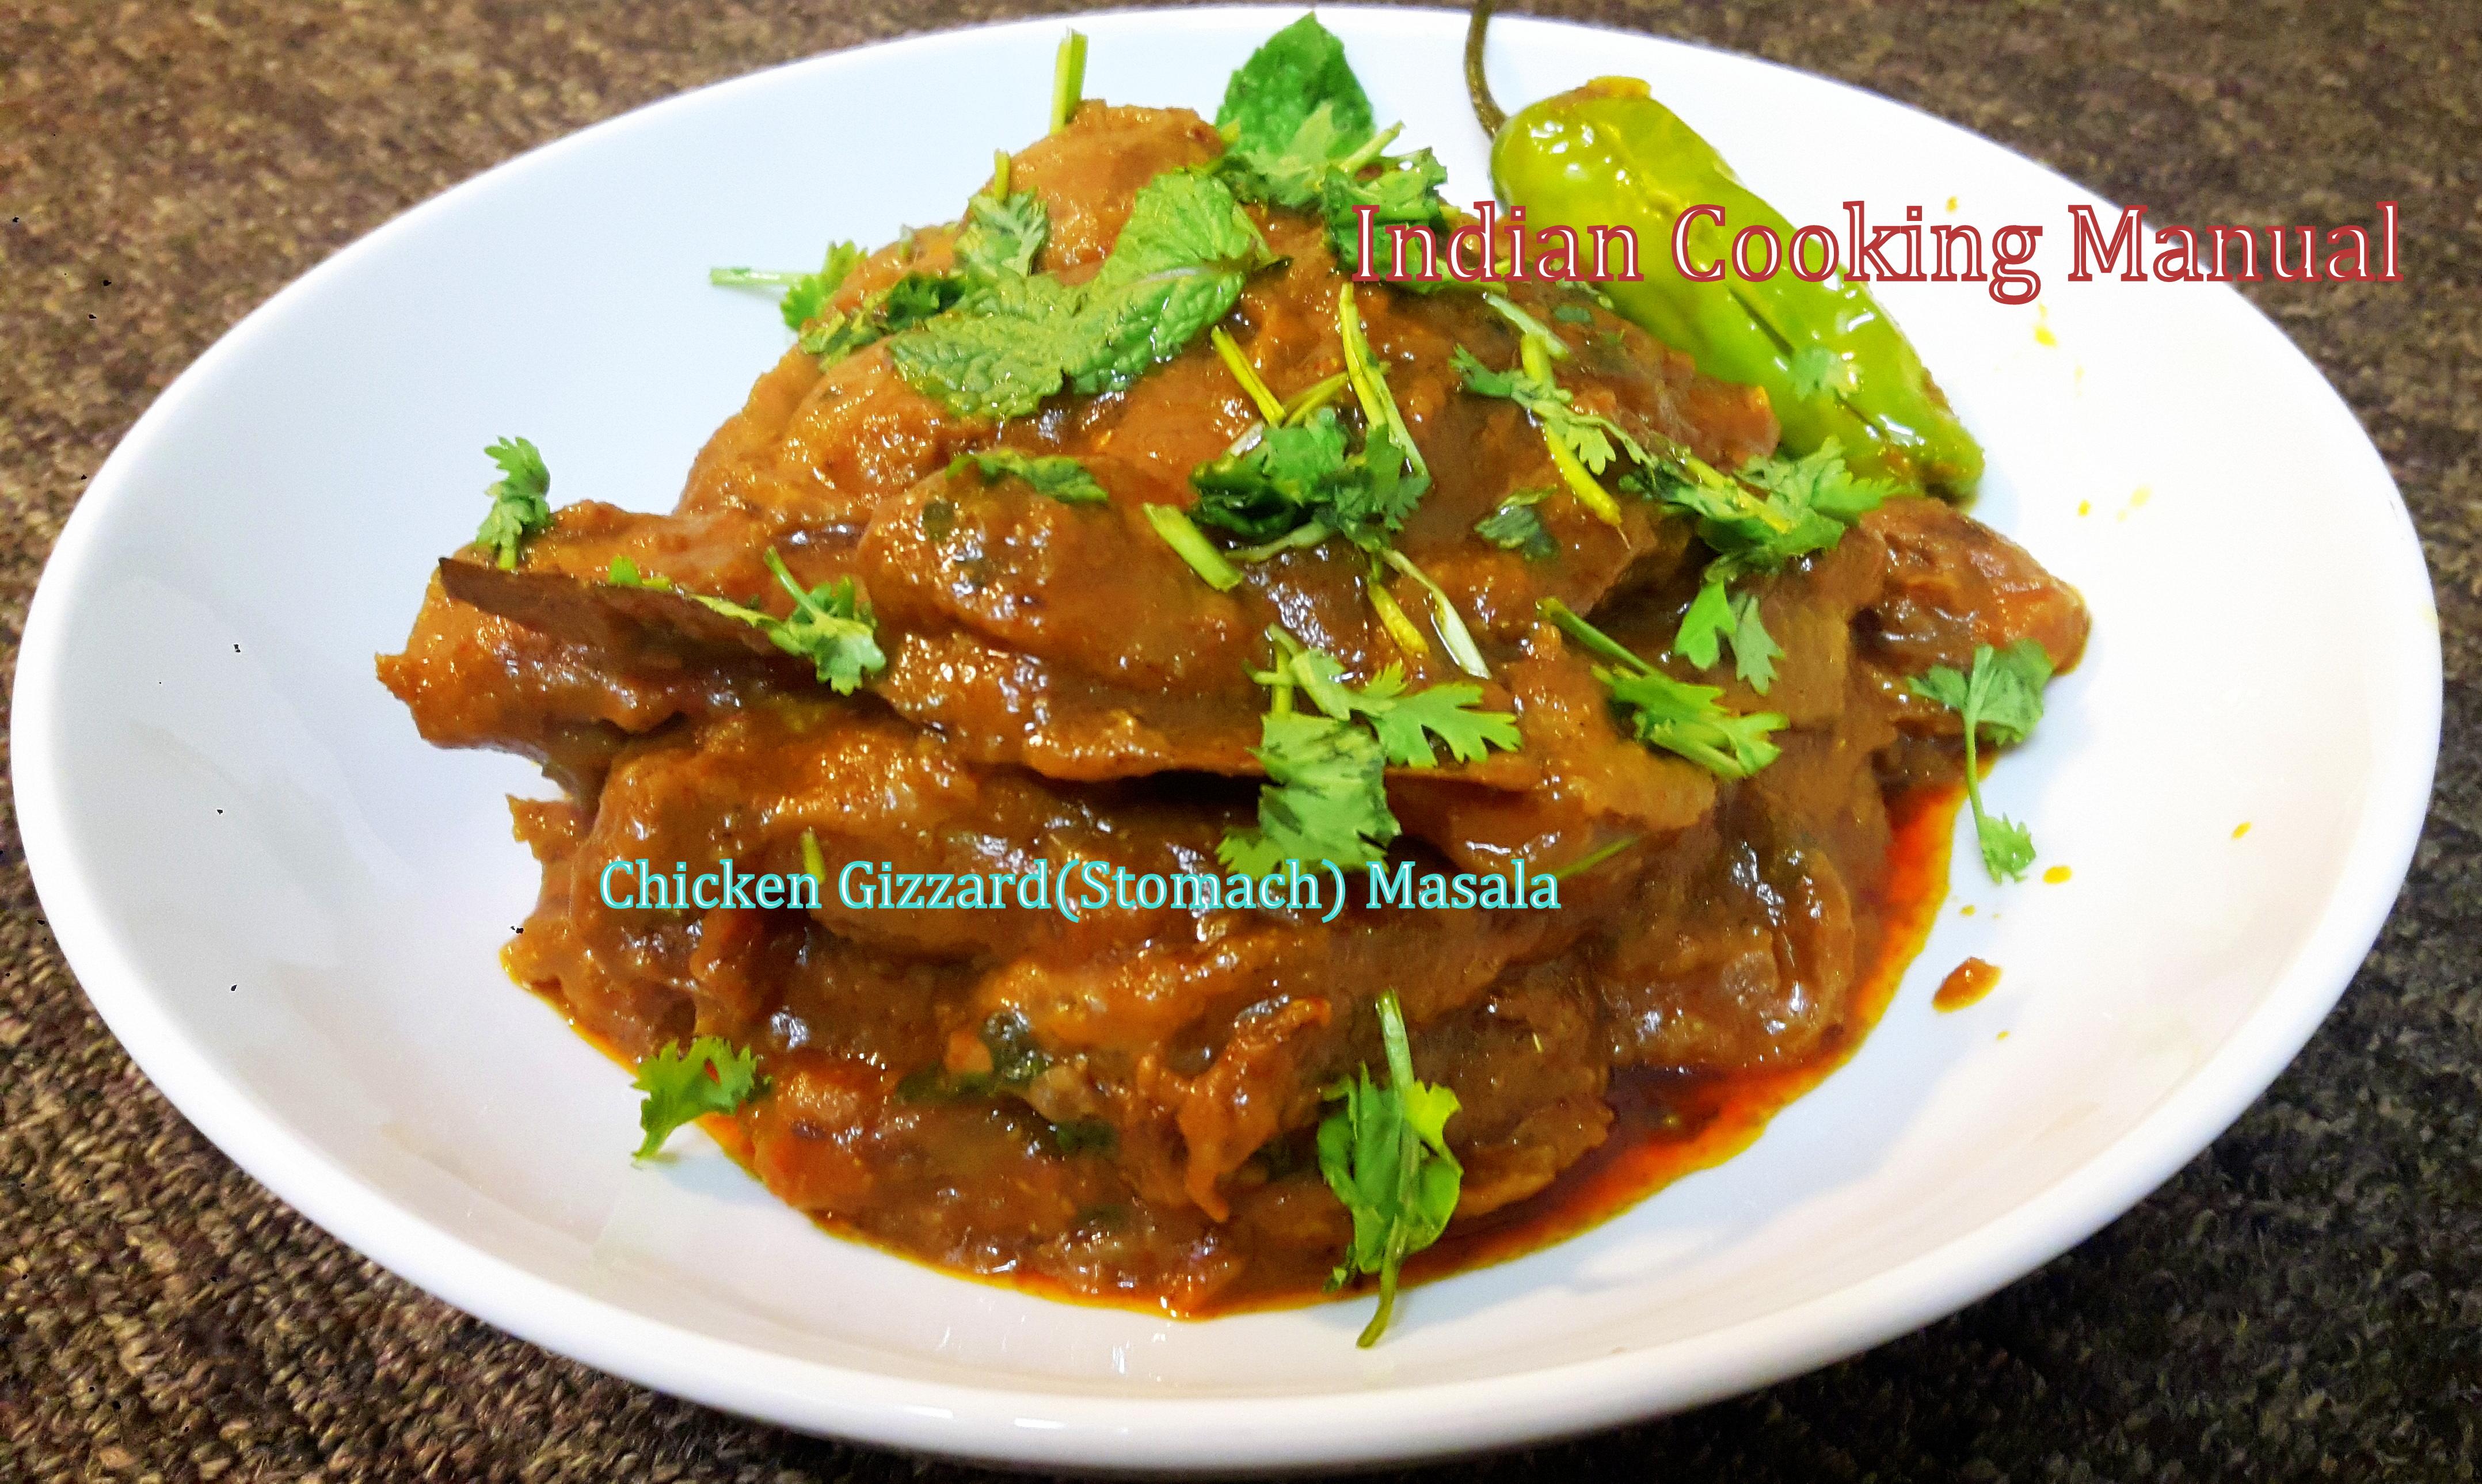 Chicken Gizzard (Stomach) Masala